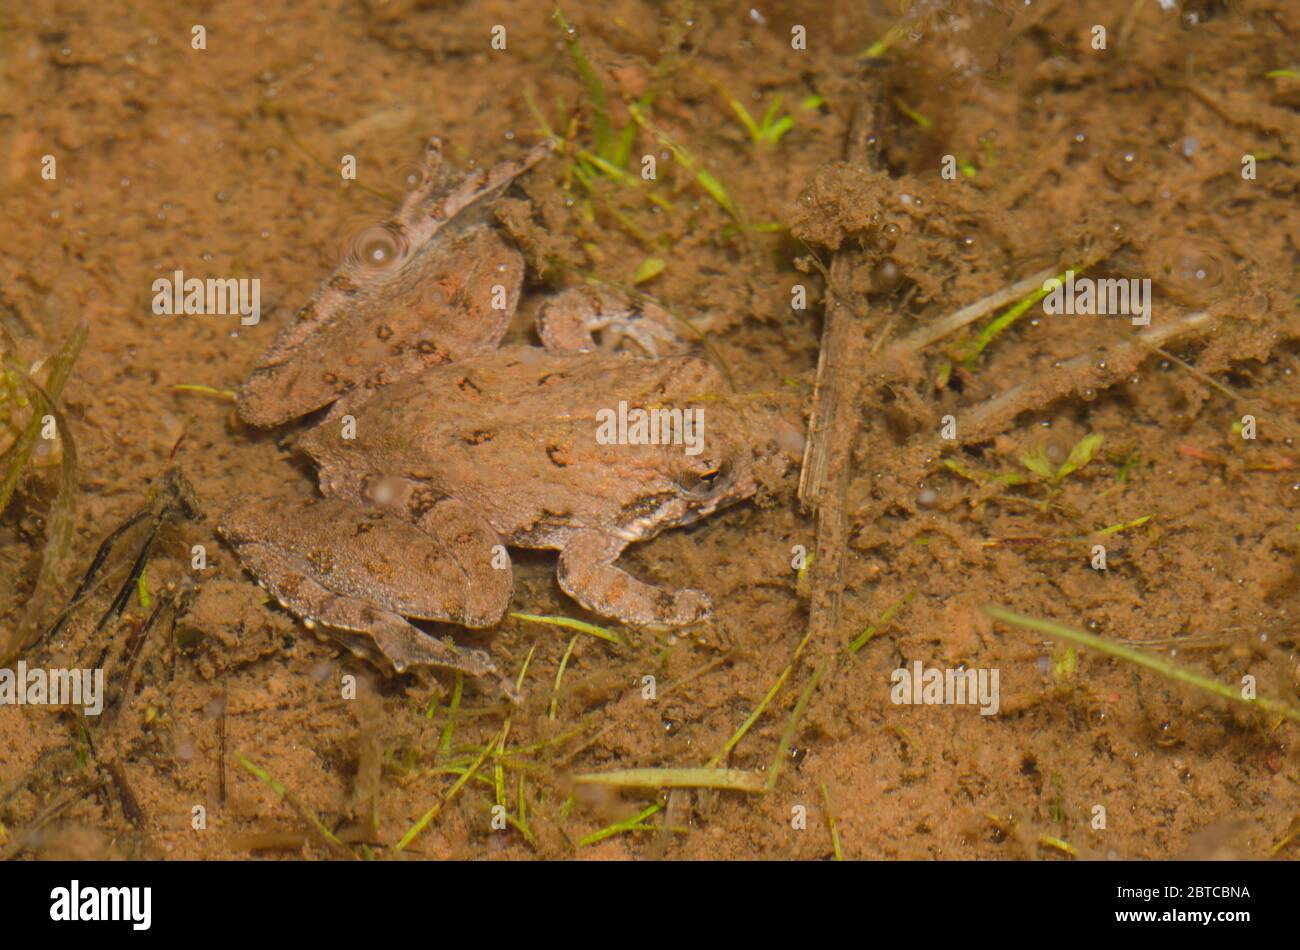 La rana de cricket de Blanchard, Acis blanchadi, sumergida bajo el agua Foto de stock